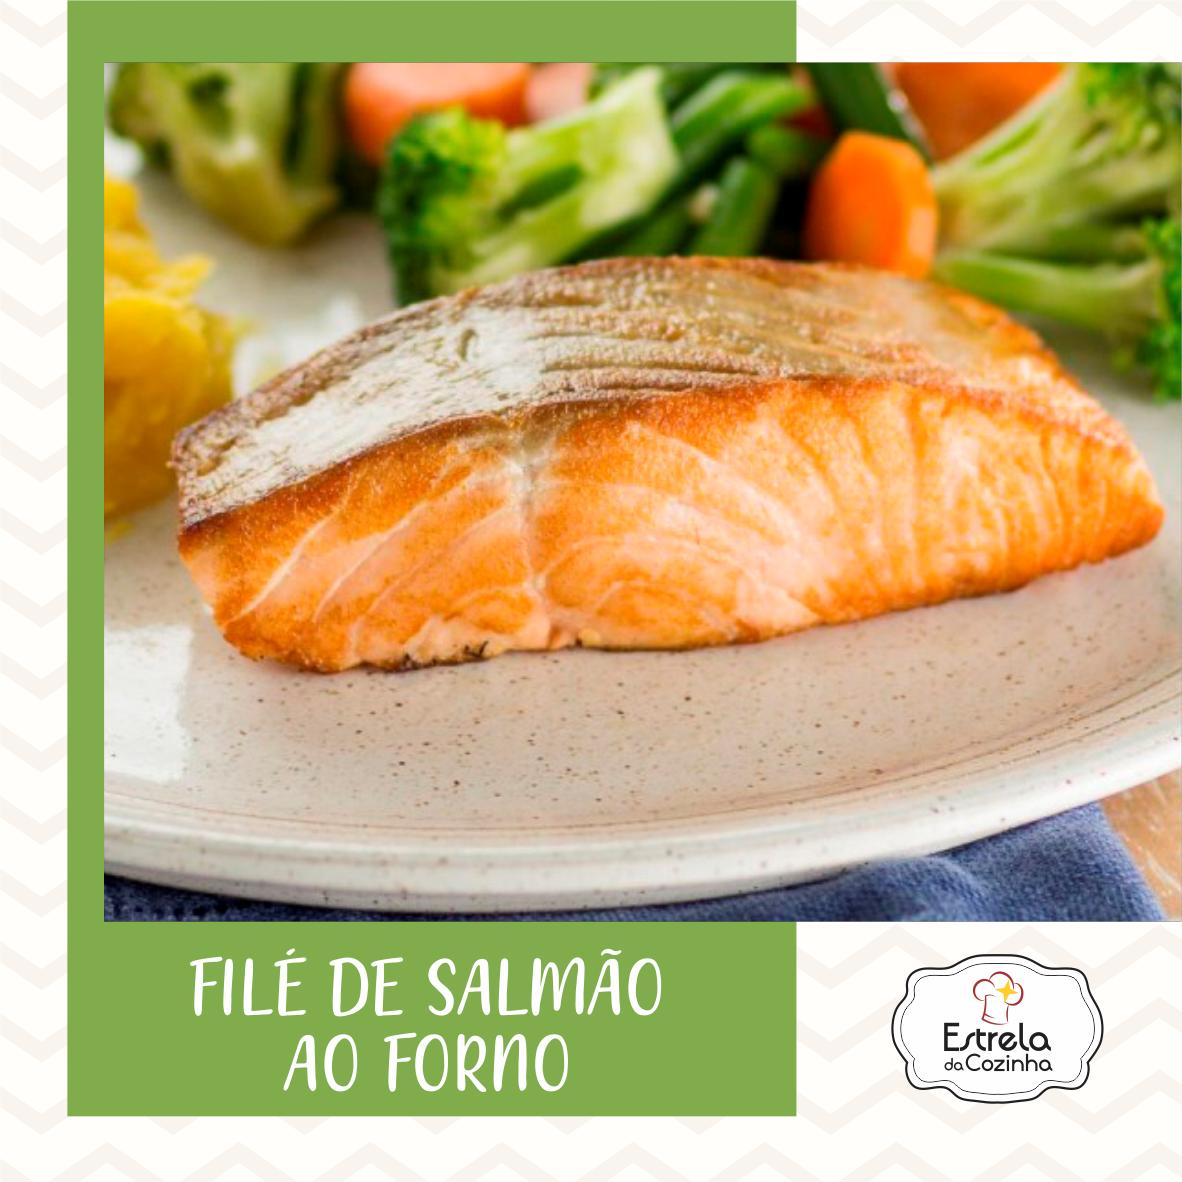 You are currently viewing Filé de salmão ao forno